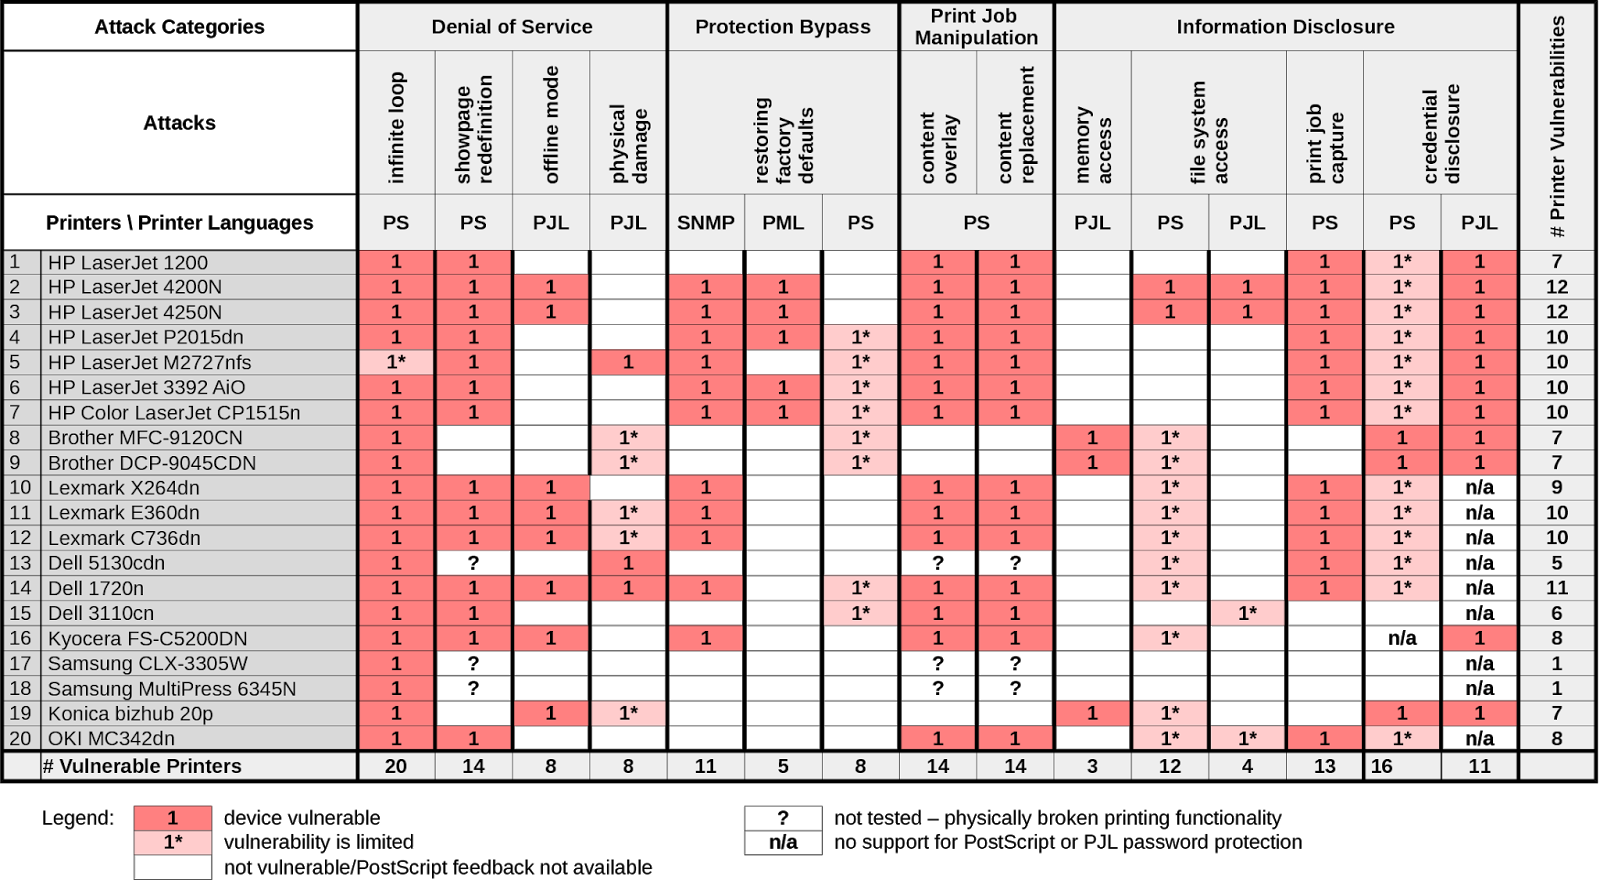 Printer Attacks Chart1.png